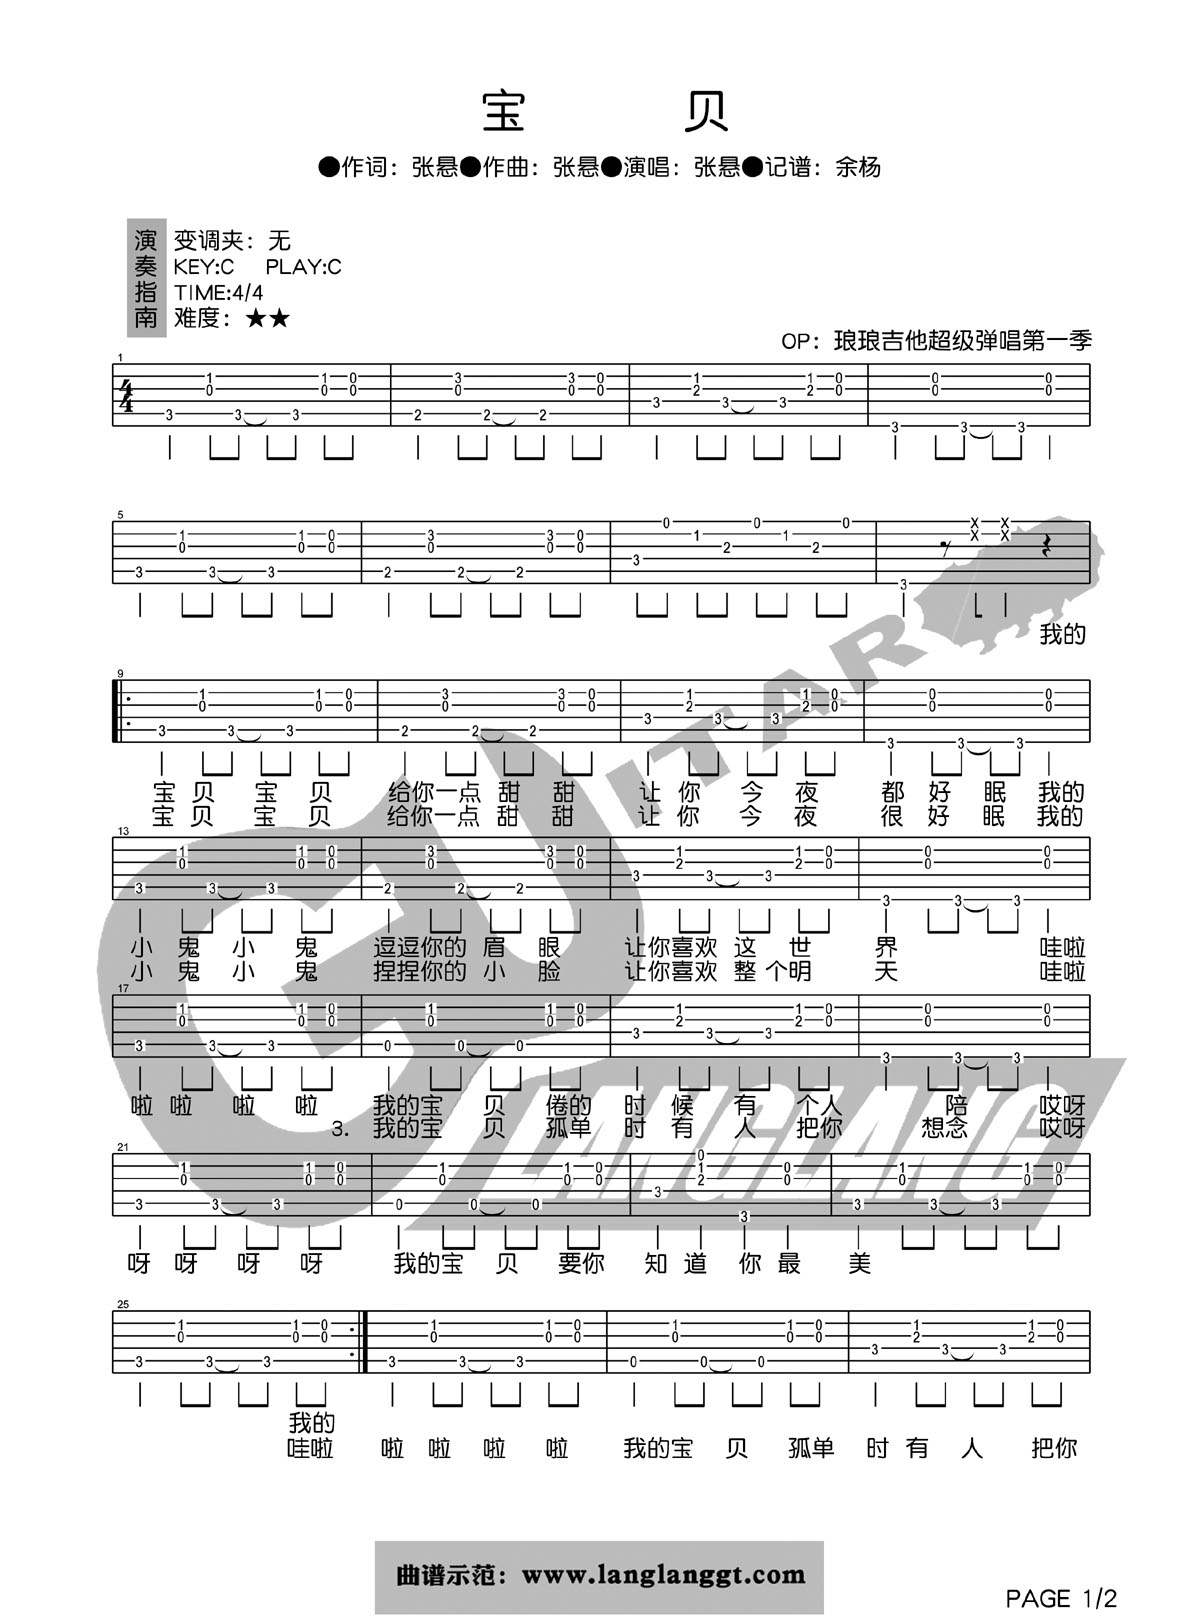 张悬 《宝贝》钢琴谱! 简谱 五线谱都可以 不要下载的 最好是图片图片